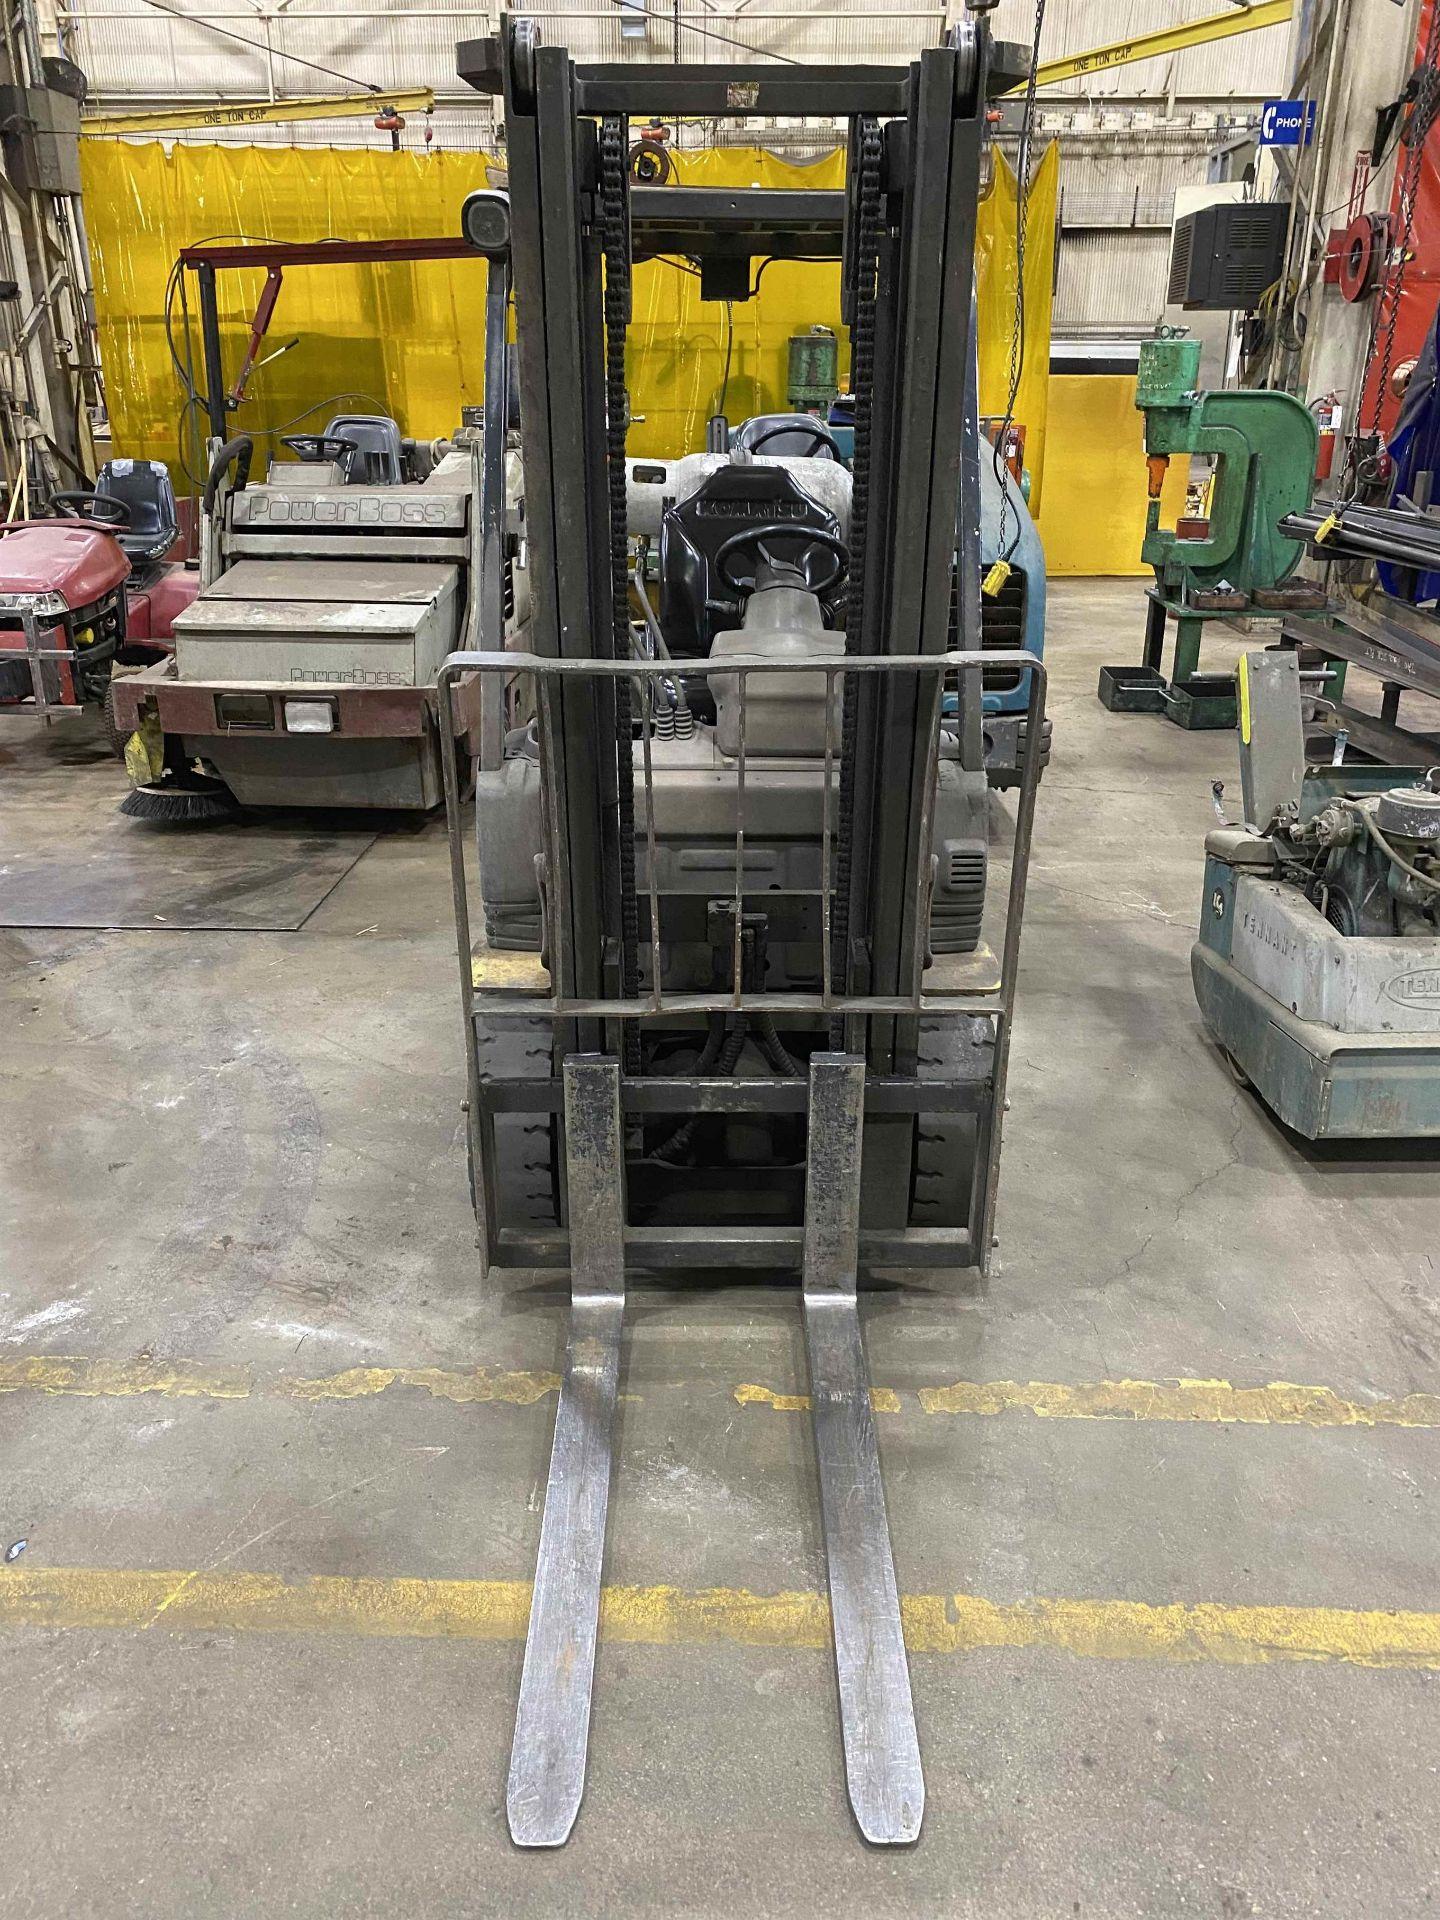 """KOMATSU FG25ST-16 5,000 Lb. LPG Forklift, s/n A234349, Two-Stage Mast, Side Shift, 48"""" Fork - Image 3 of 8"""